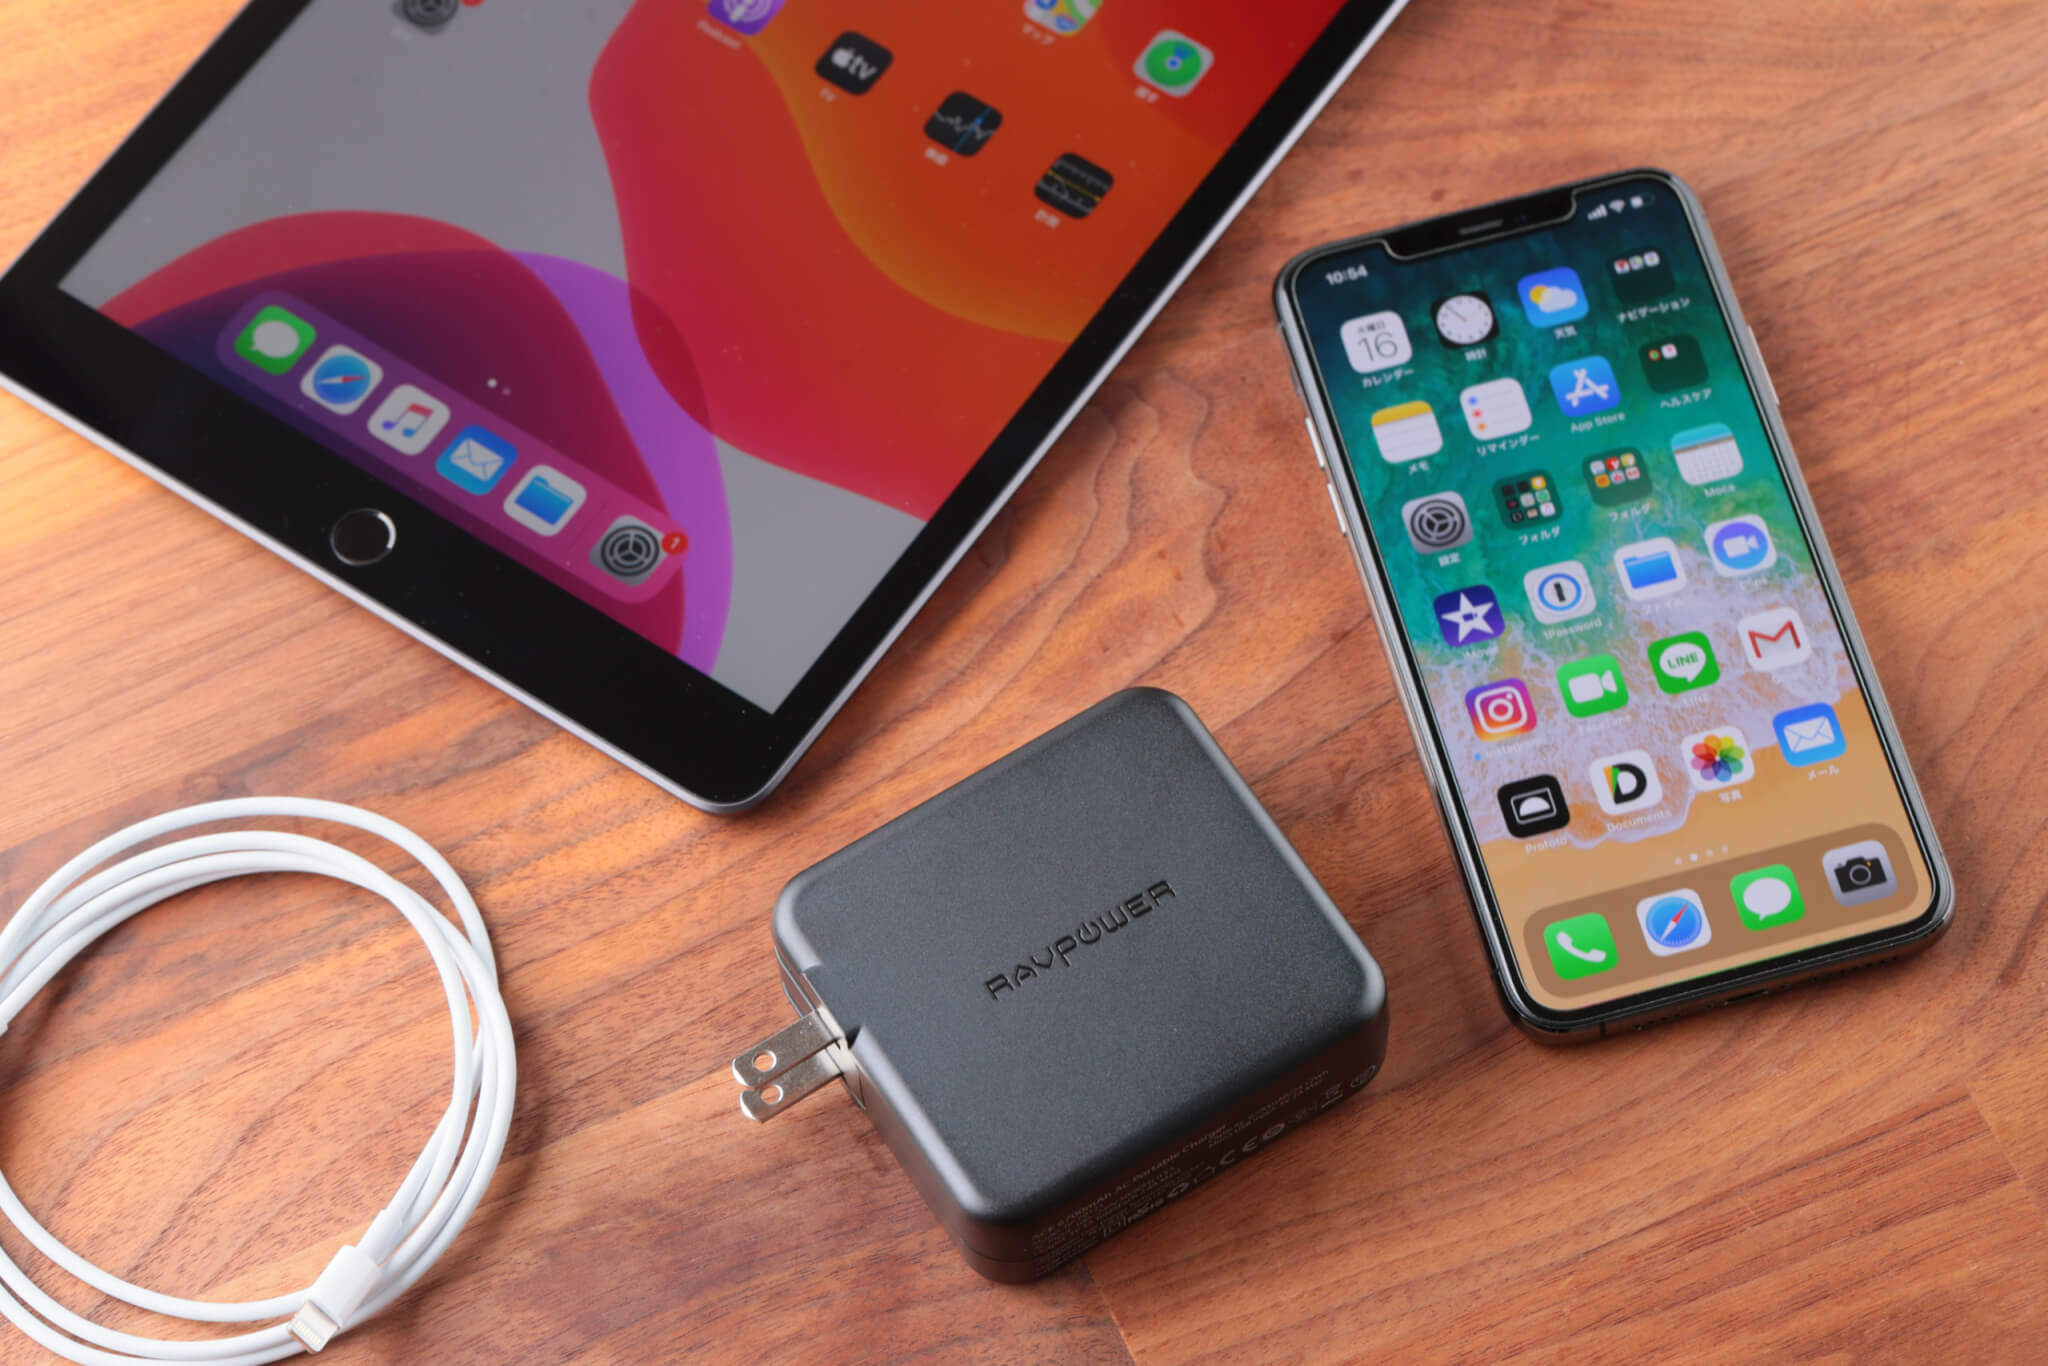 ハイブリッドモデル「RAVPower RP-PB125」使用レビュー! 出張・旅行に重宝するモバイルバッテリー&USB充電器の2in1